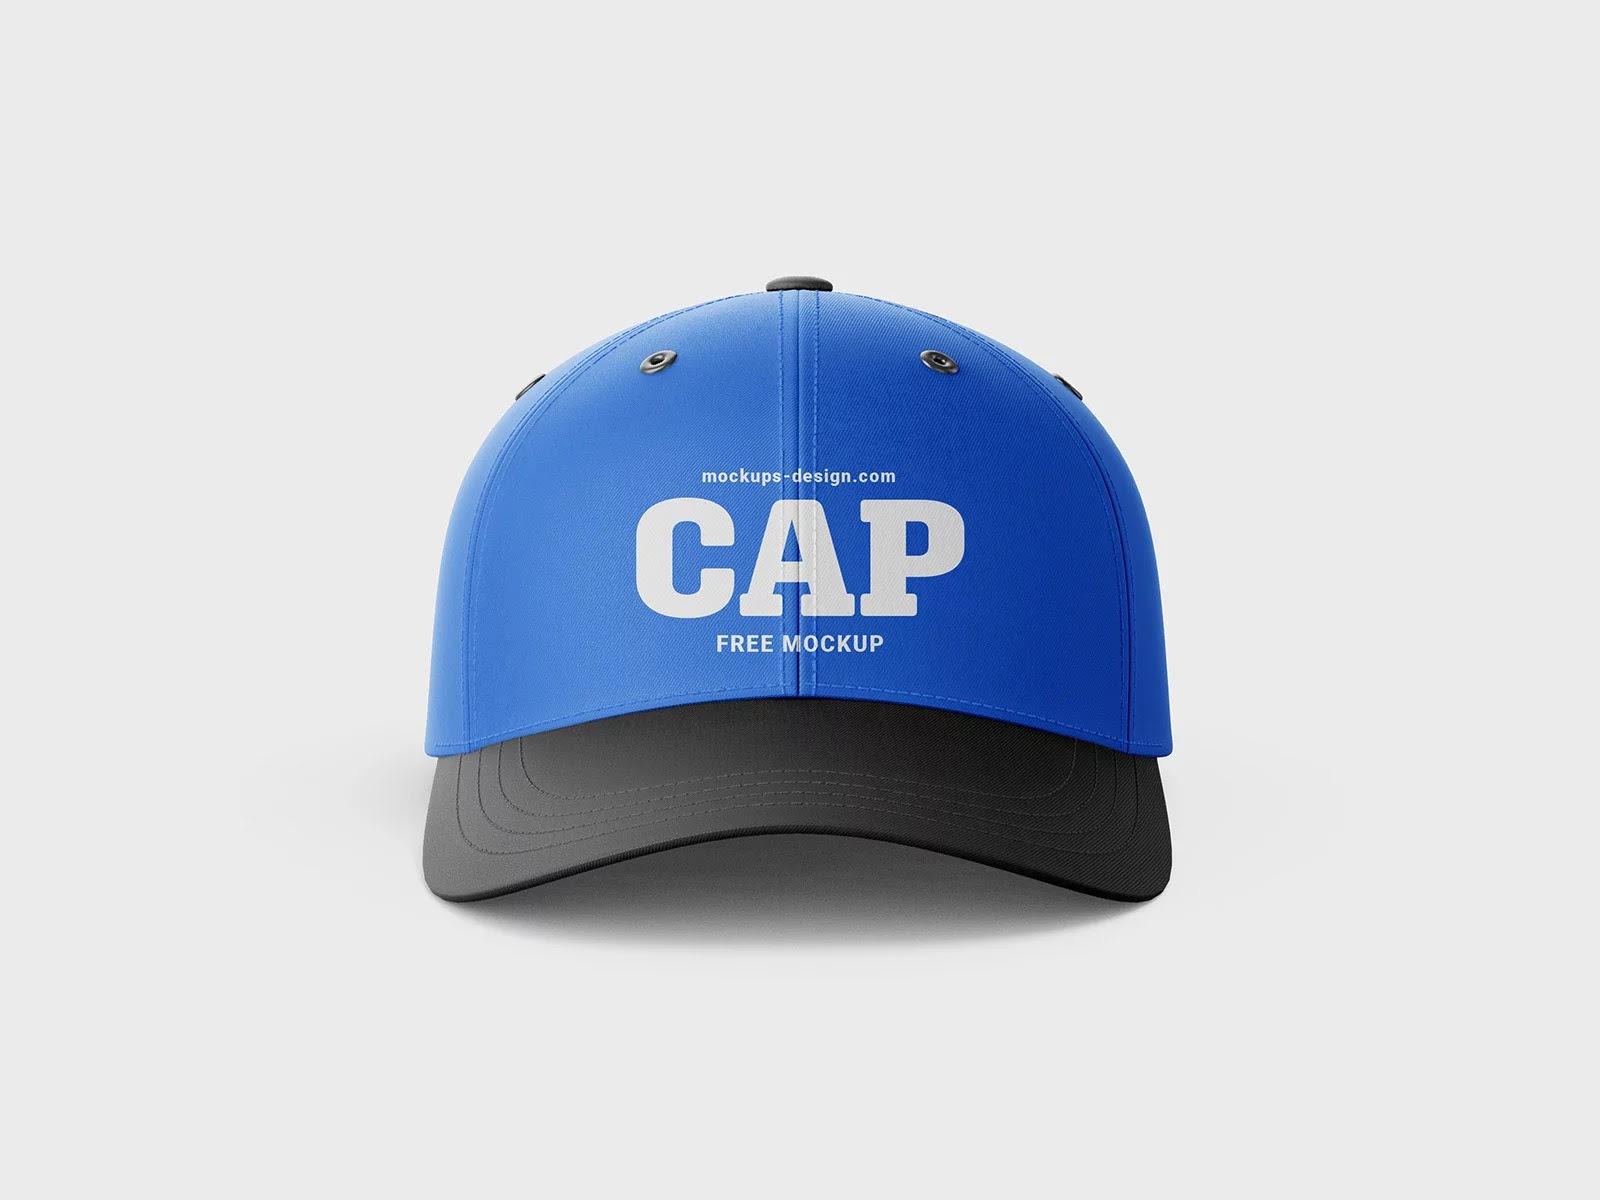 cap-mockups